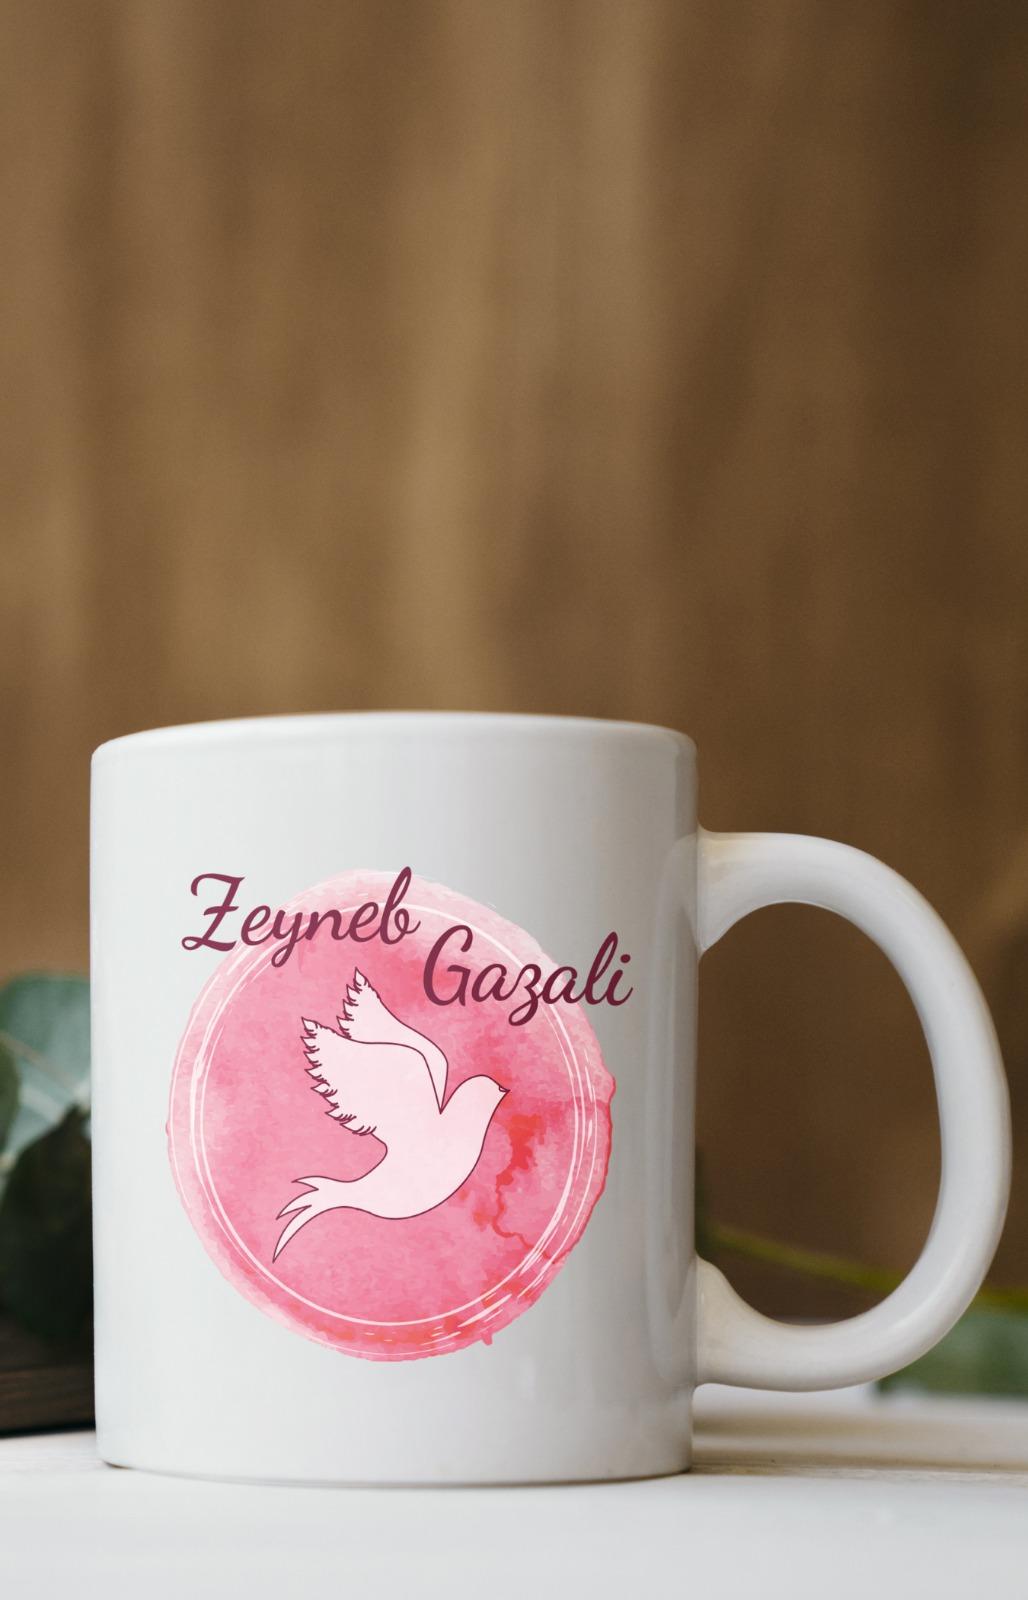 Zeyneb Gazali Kupası